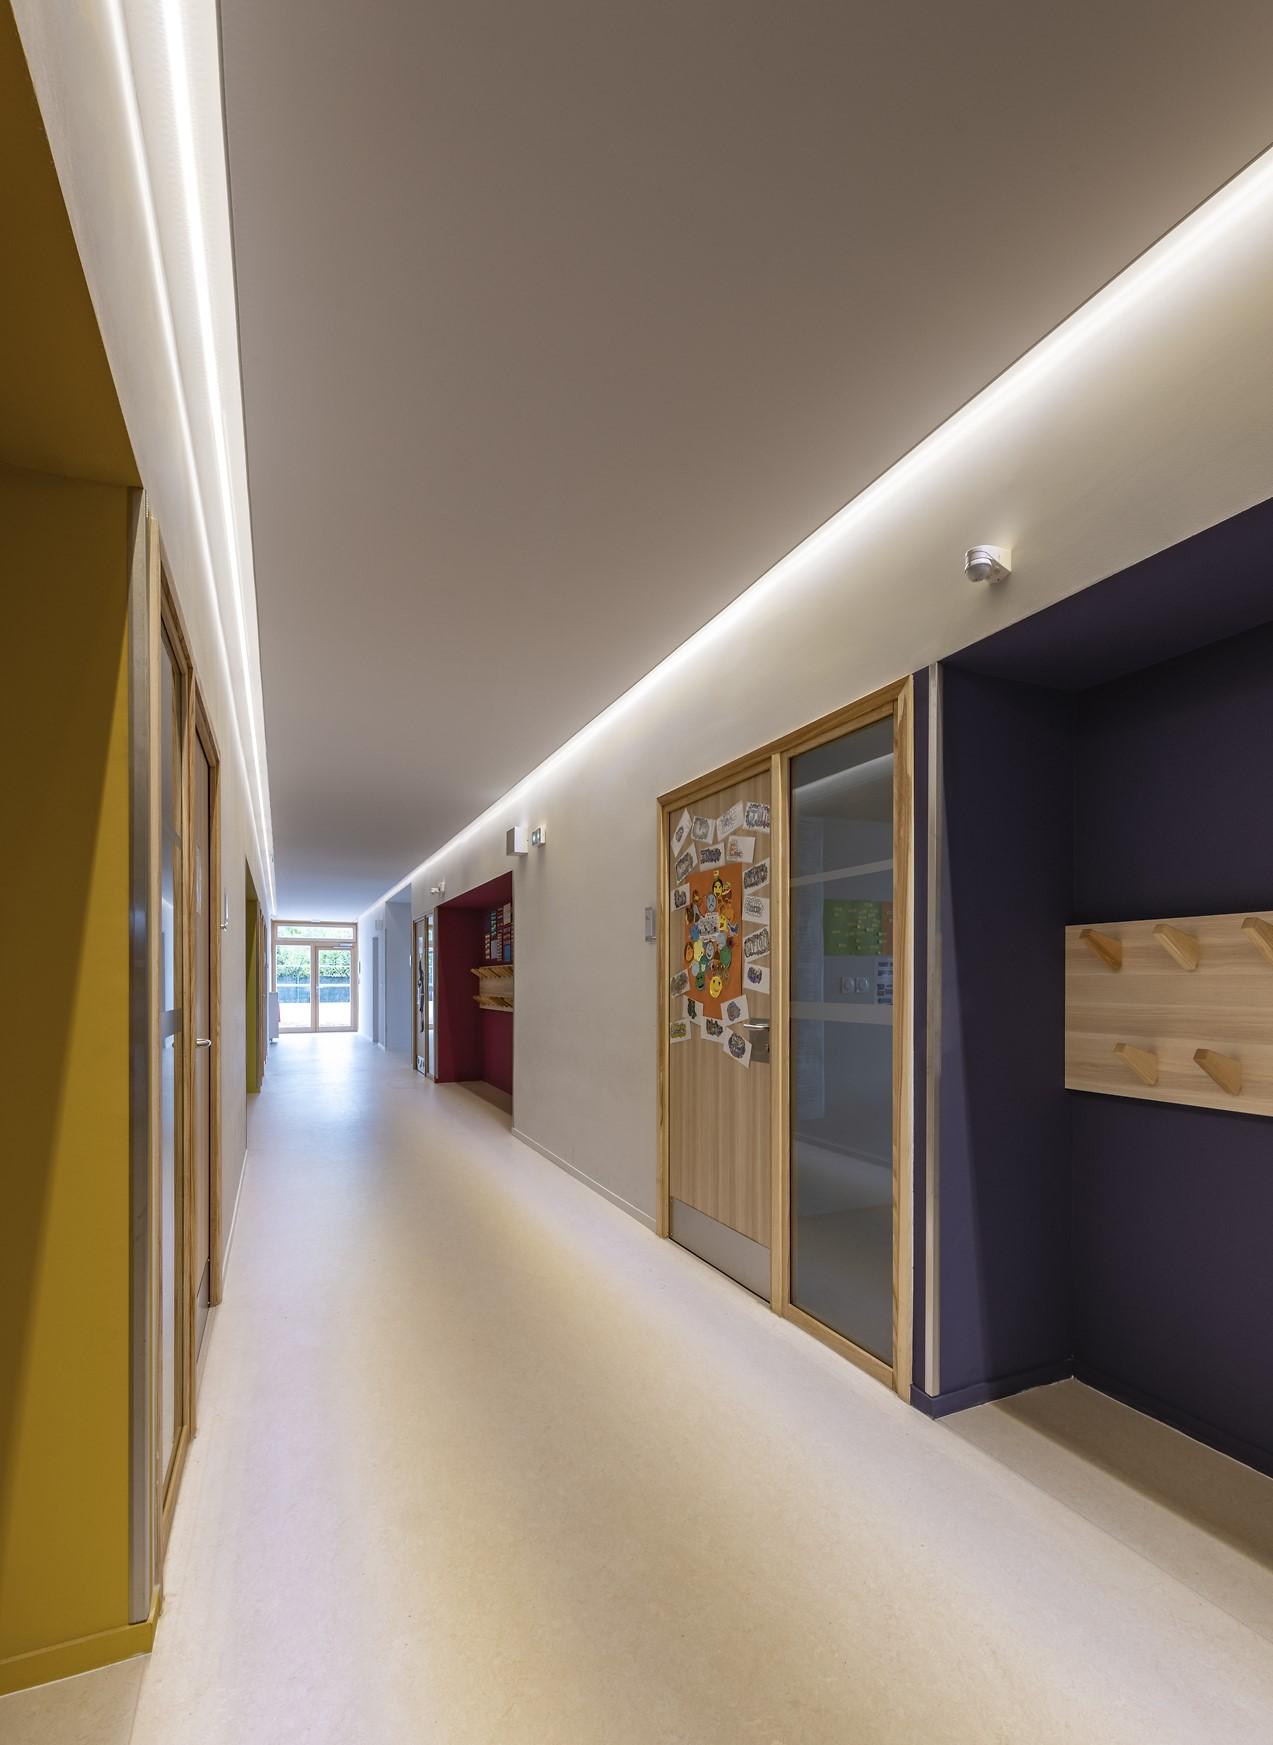 Gorges lumineuses dans un couloire coloré de l'école Simone Veil